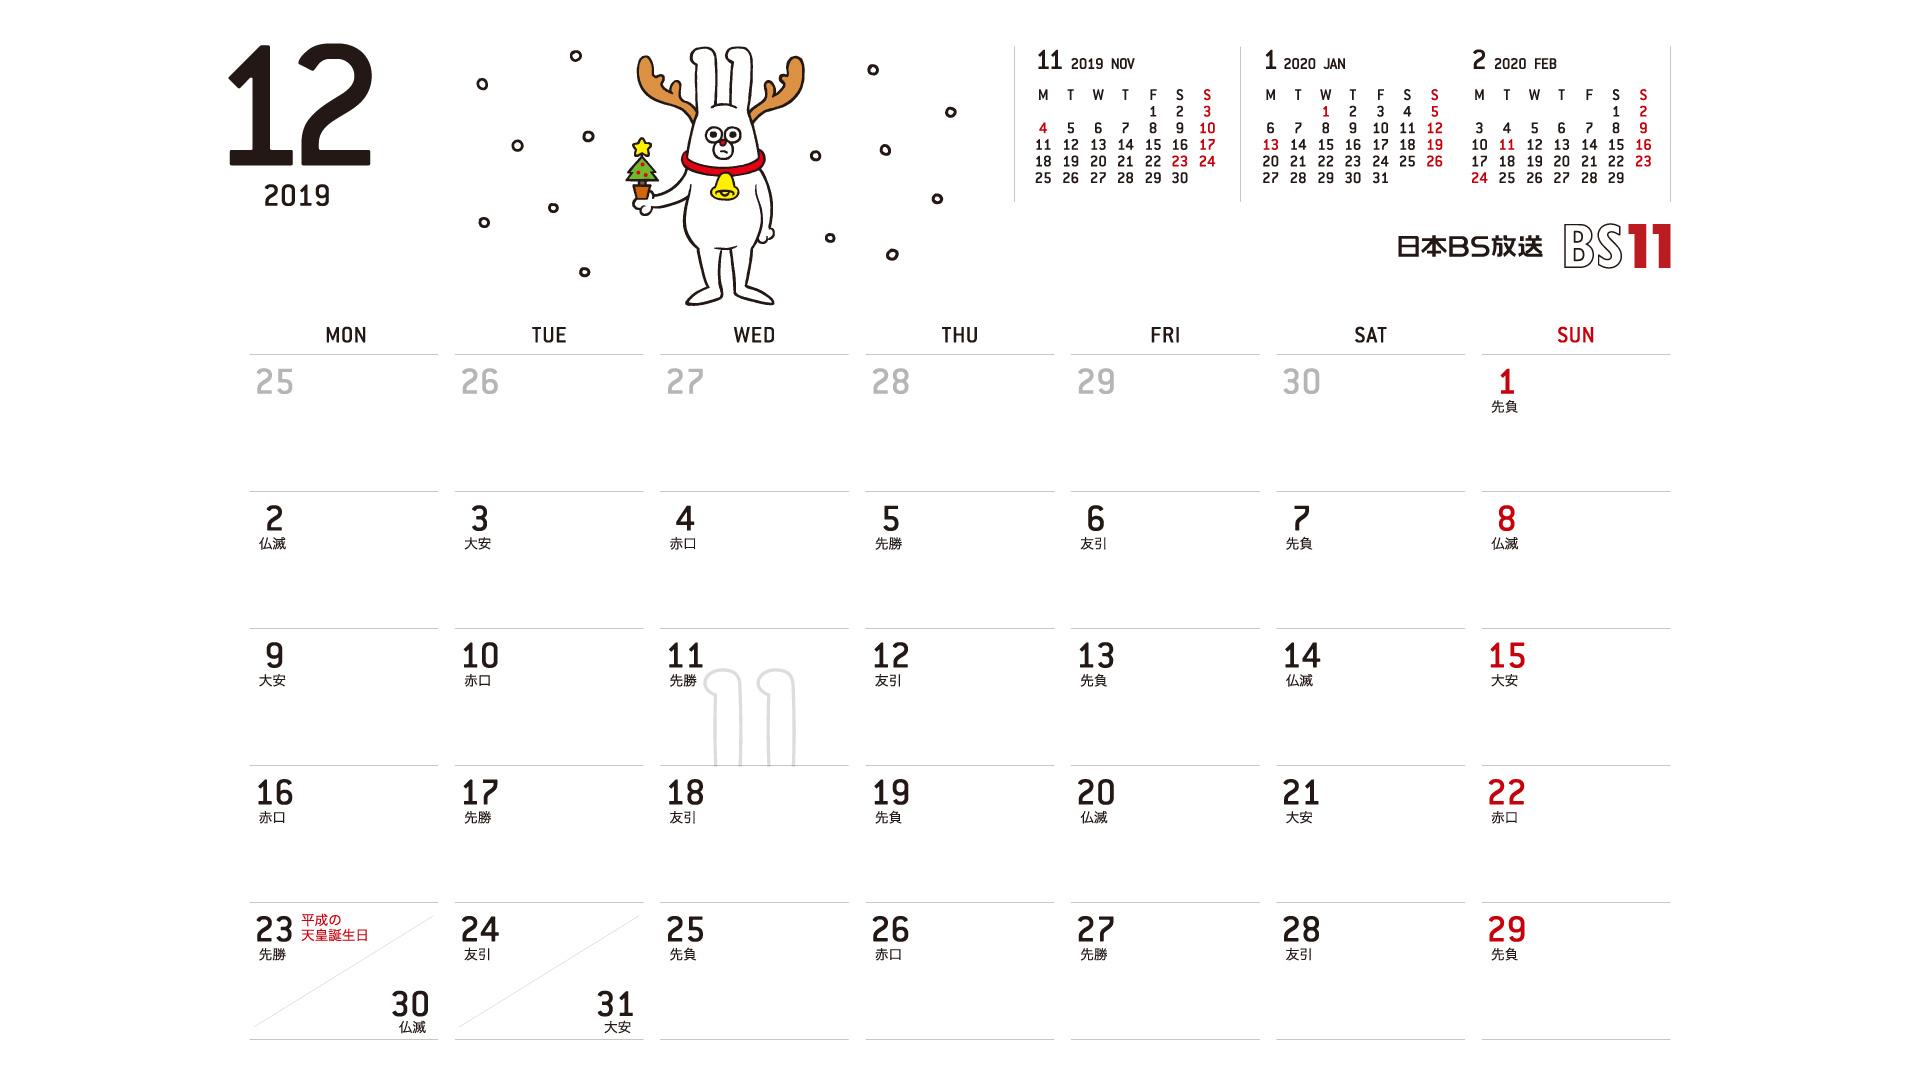 じゅういっちゃんのデジタルカレンダー2019年12月 Bs11